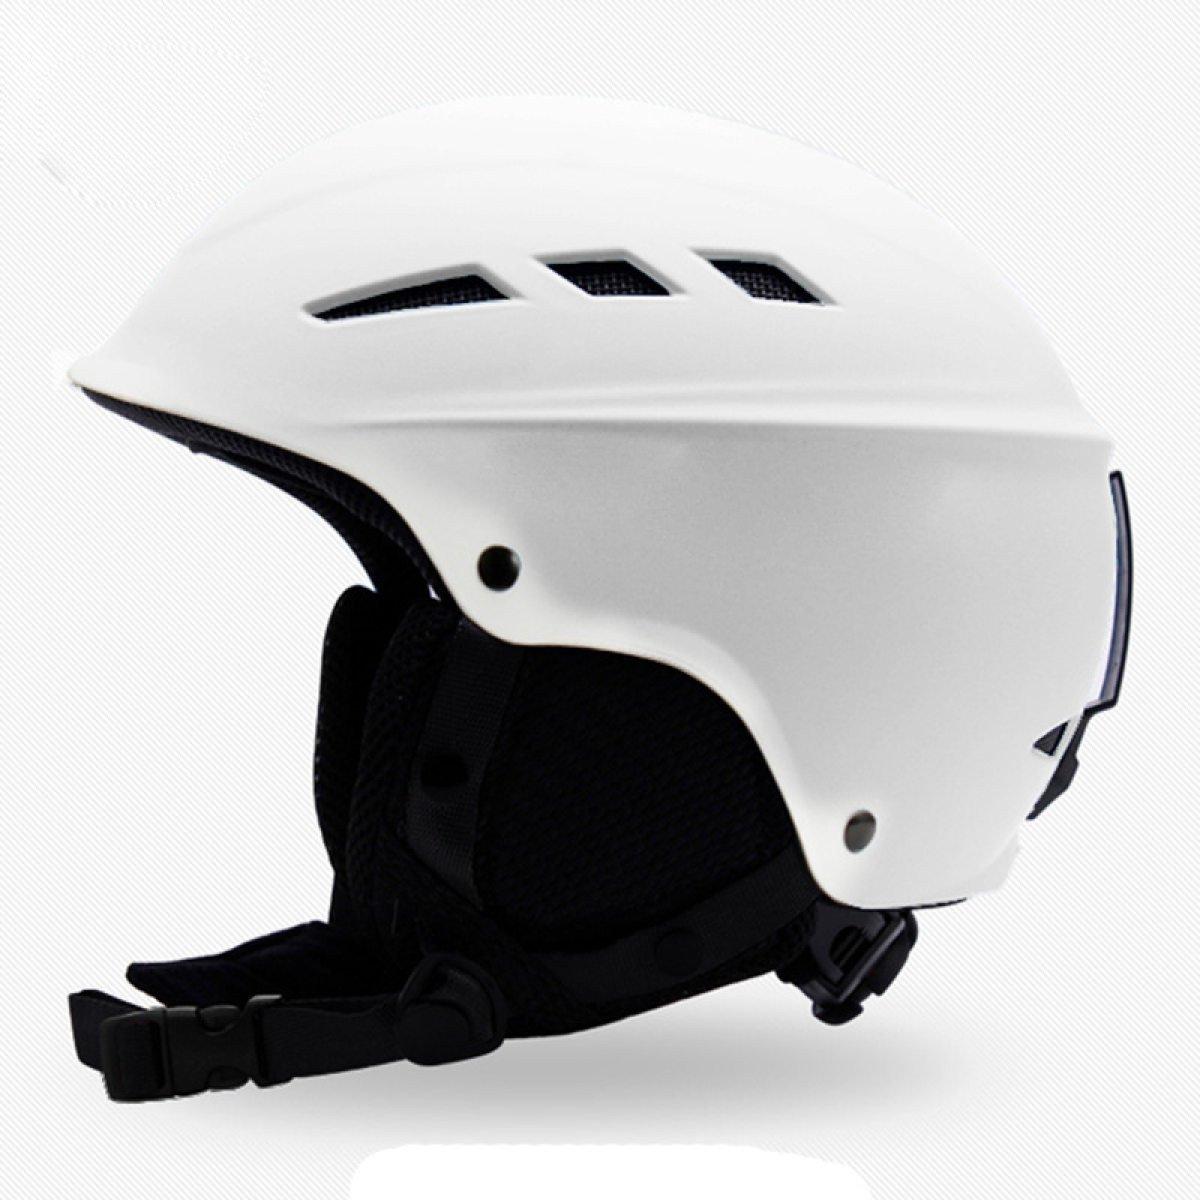 Skihelme Männer Und Und Und Frauen Kinder Outdoor-Sportgeräte Ohr Verdickung Schnee Erwachsenen Helme B06X6MW442 Skihelme Zu einem erschwinglichen Preis 96bf6f